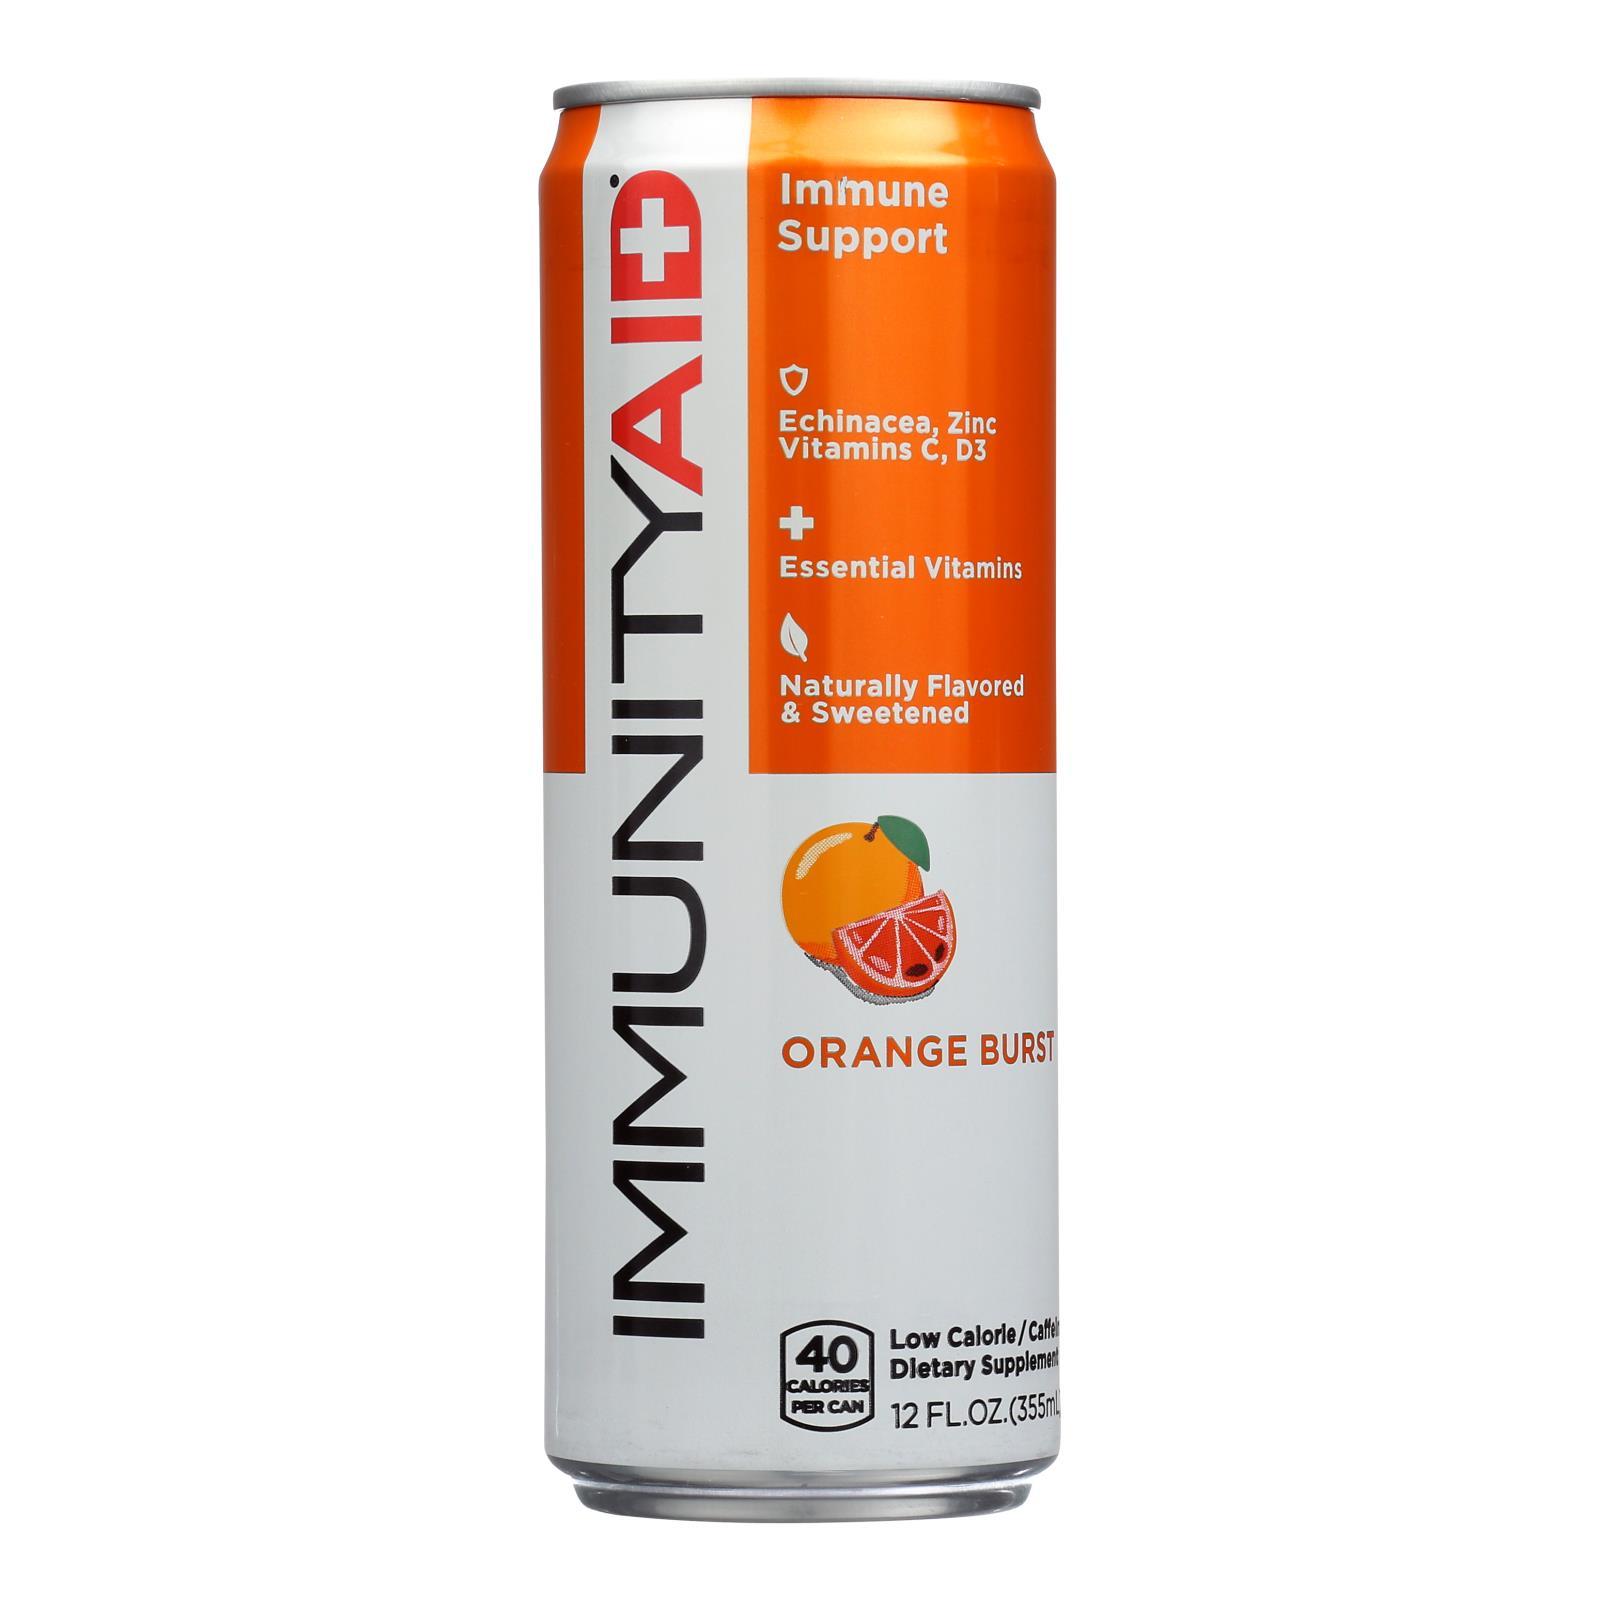 Lifeaid Beverage Company - Immunityaid Defend - Case of 12 - 12 FZ